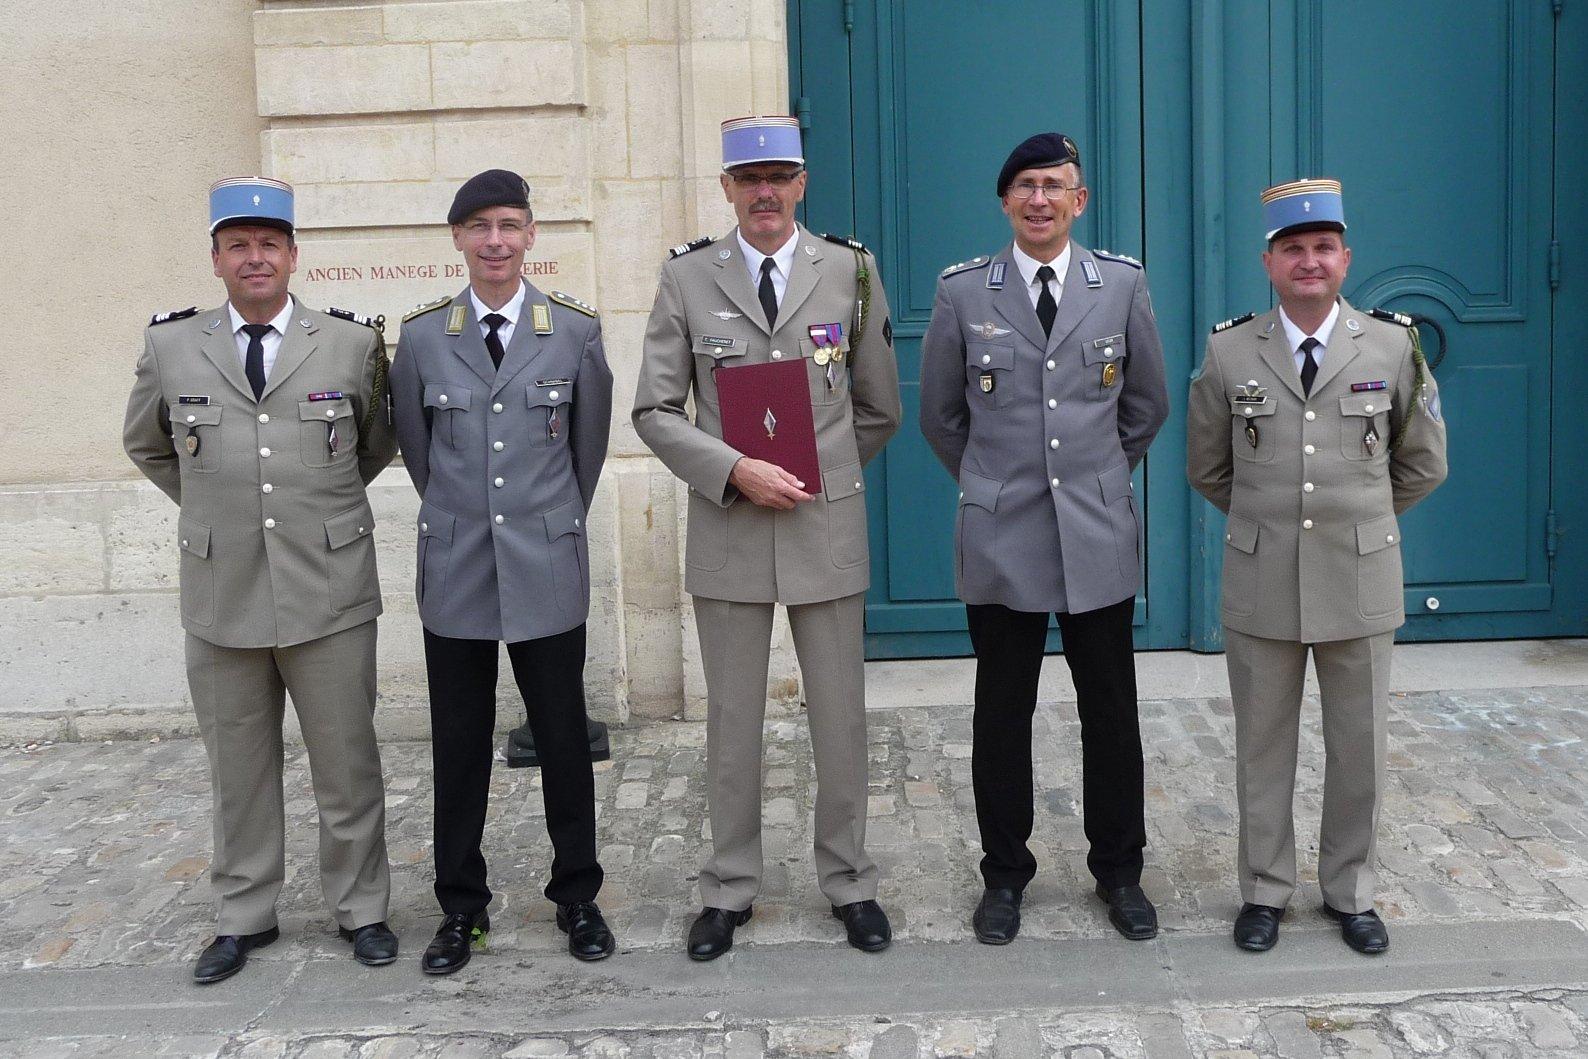 paris2012 dans activites